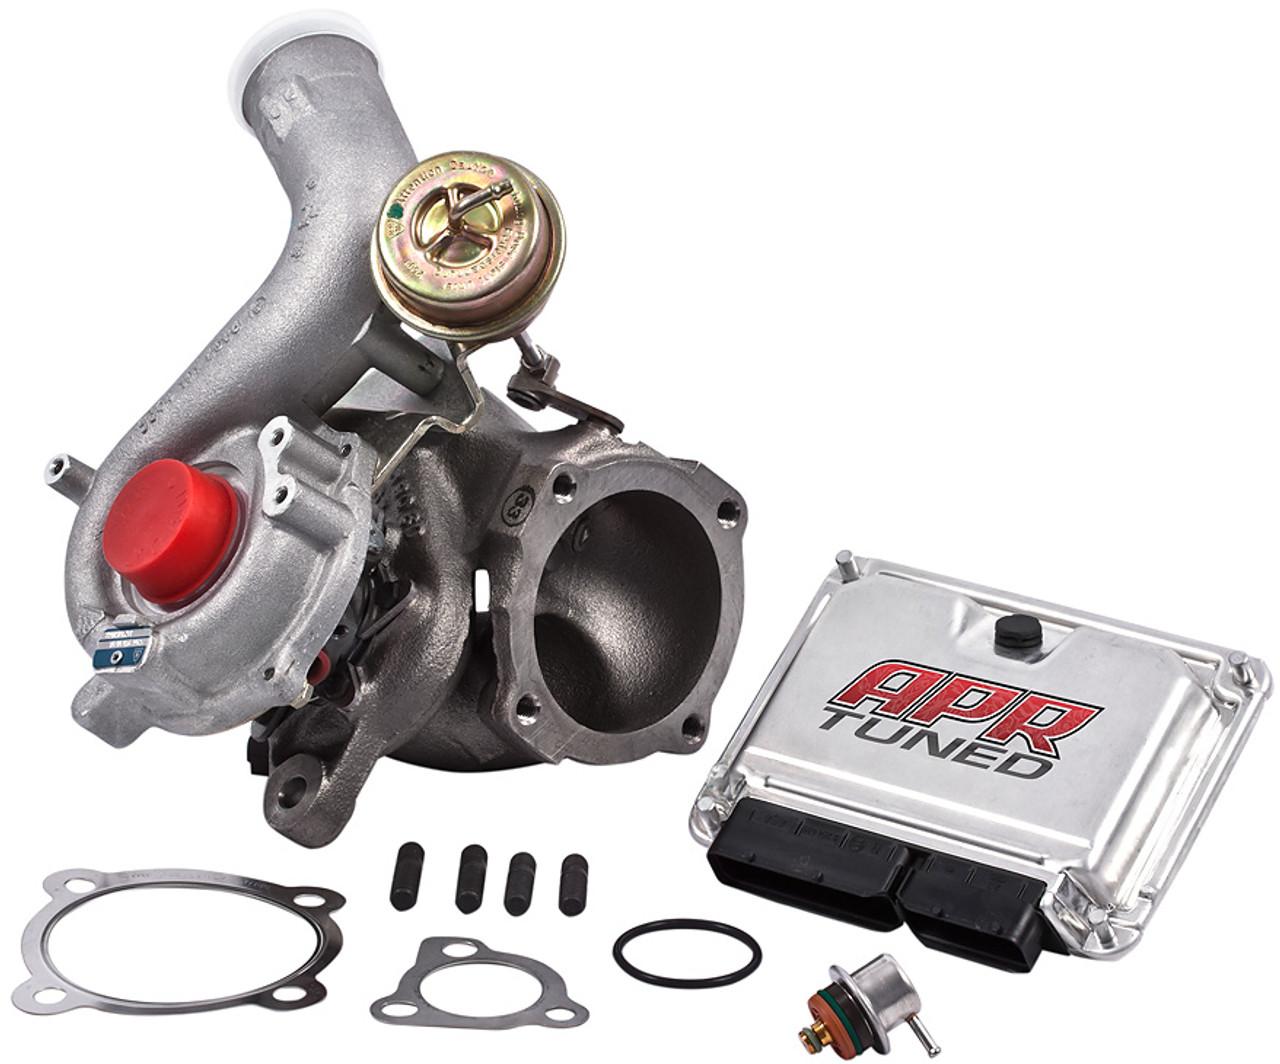 APR K04 Turbocharger Kit - Transverse 1 8T (150/180hp)